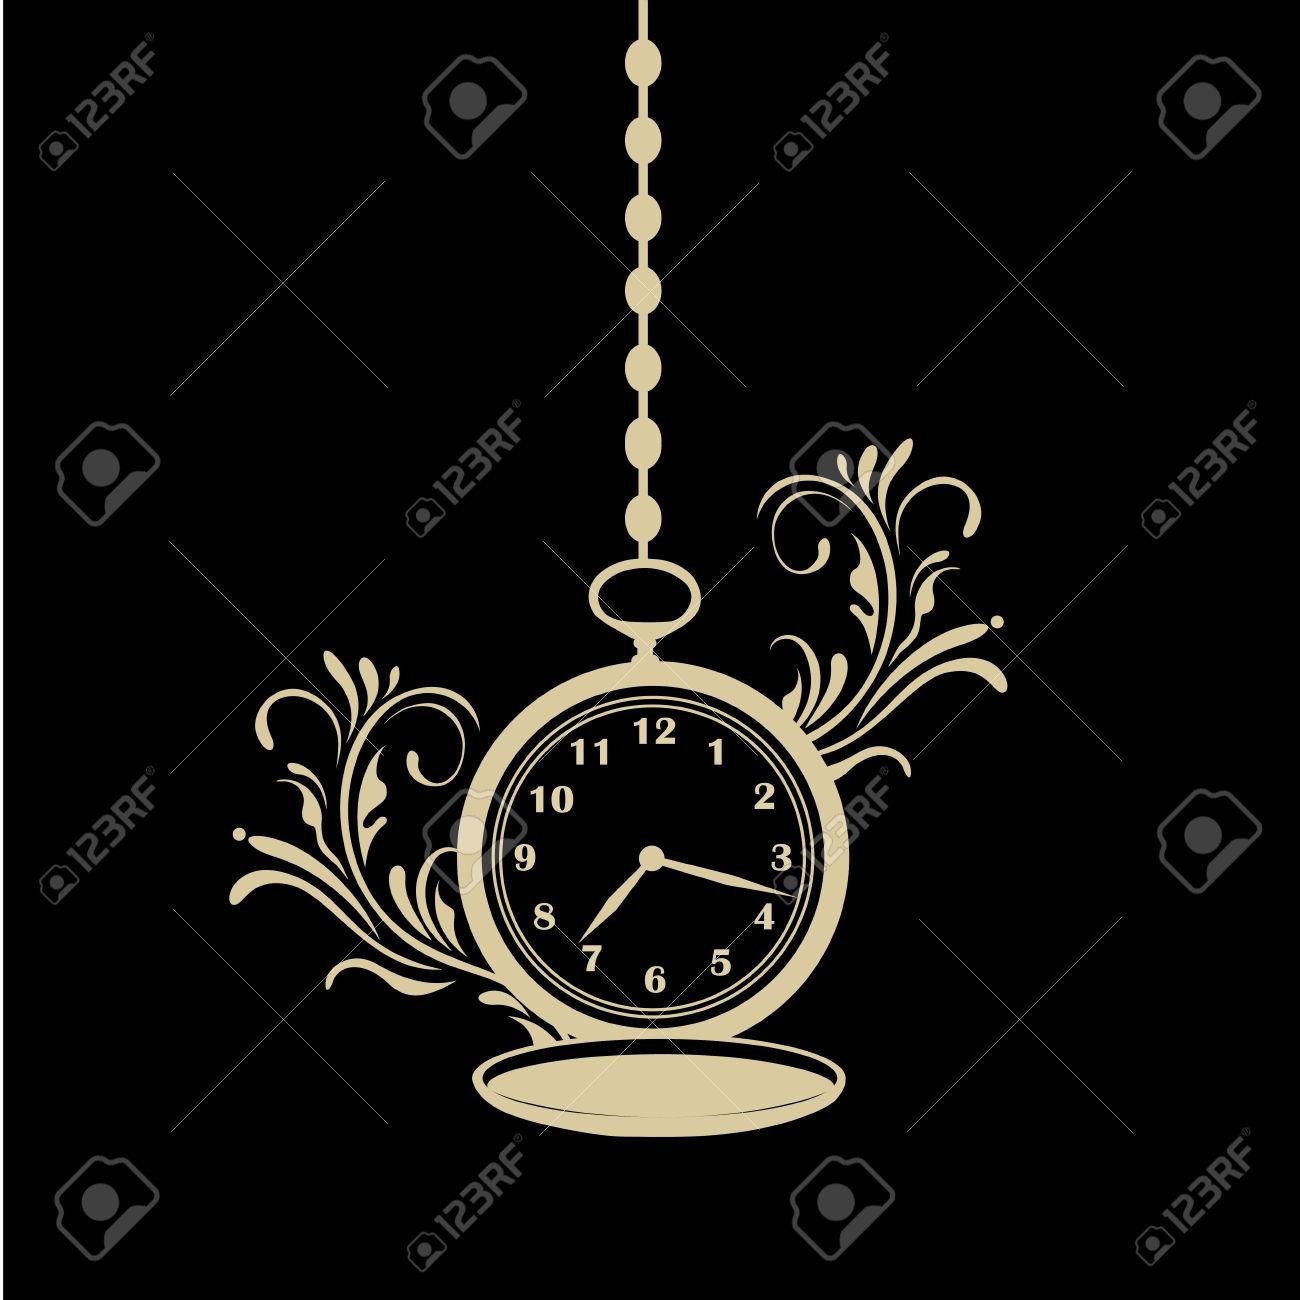 Une Silhouette D'une Horloge De Poche Avec Une Chaîne Et Un Motif.